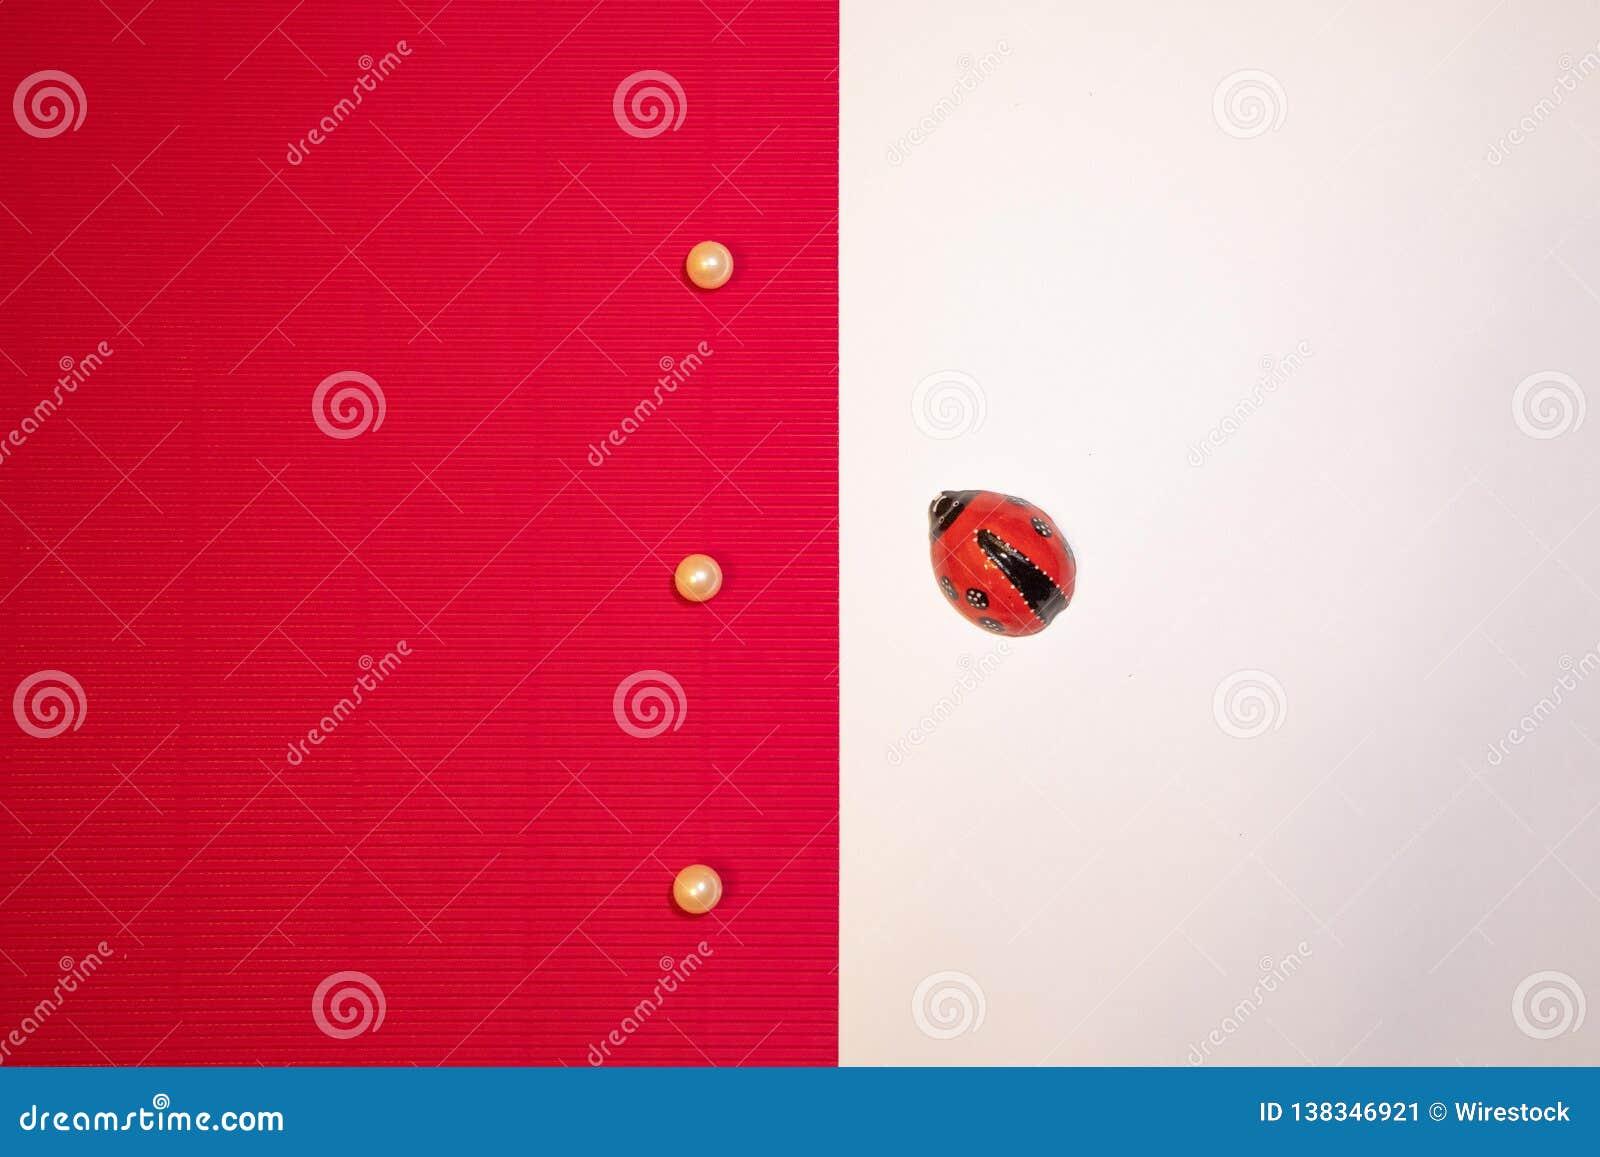 Netter Hintergrund mit einem Marienkäfer